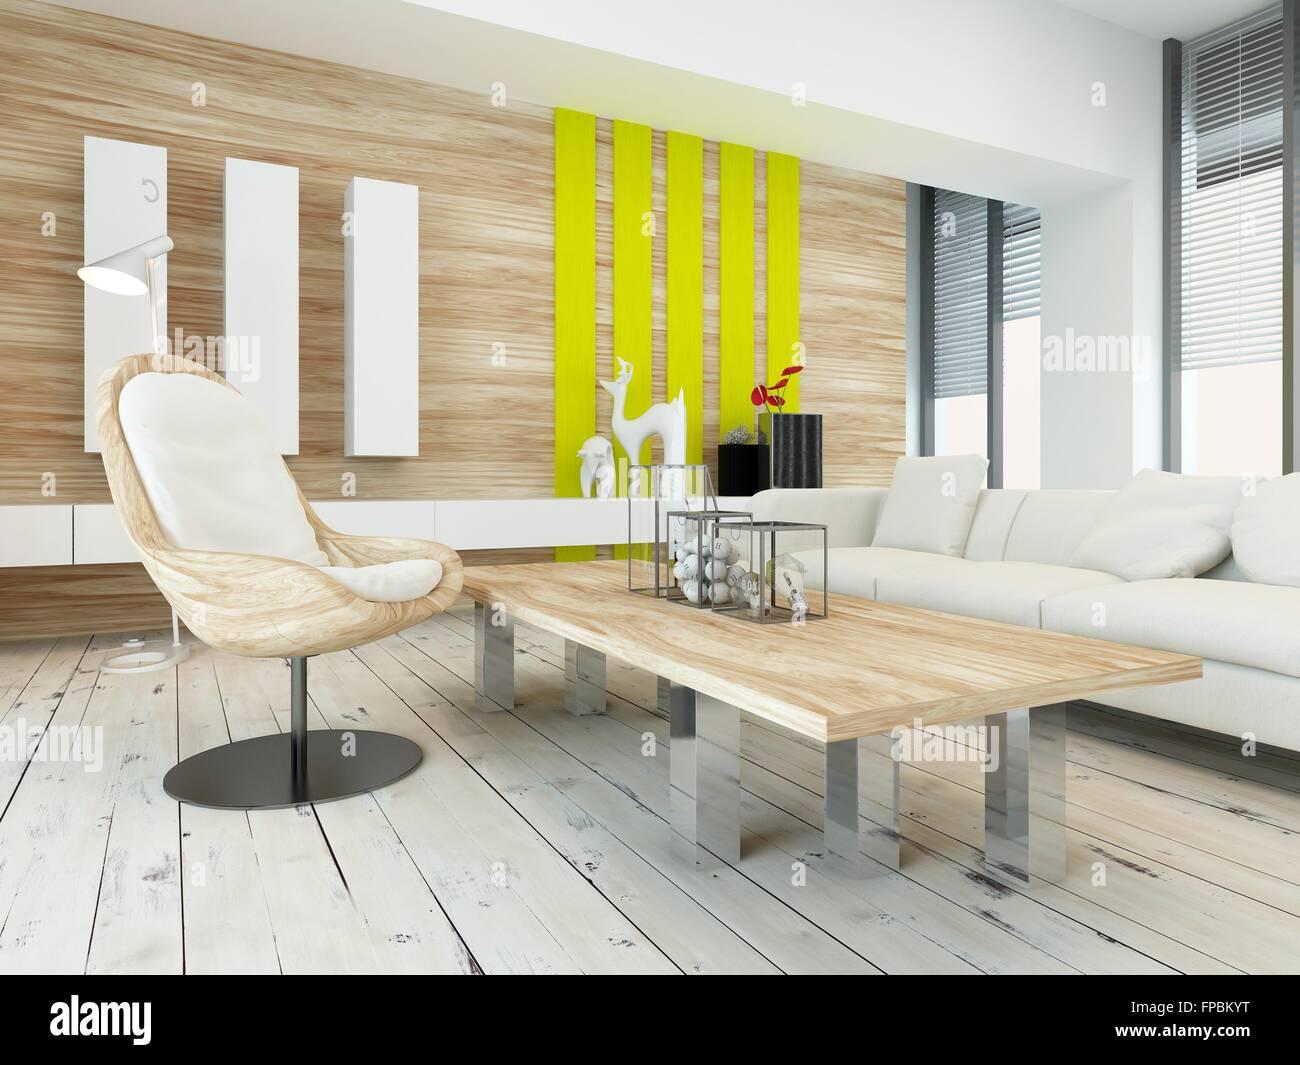 Rustikale Holz Furnierbild Wohnzimmer Interieur Mit Natürlichen Holz  Couchtisch Und Wandpaneele Und Weiß Lackierten Holzdielen, Gelben Akzenten  Und Große ...